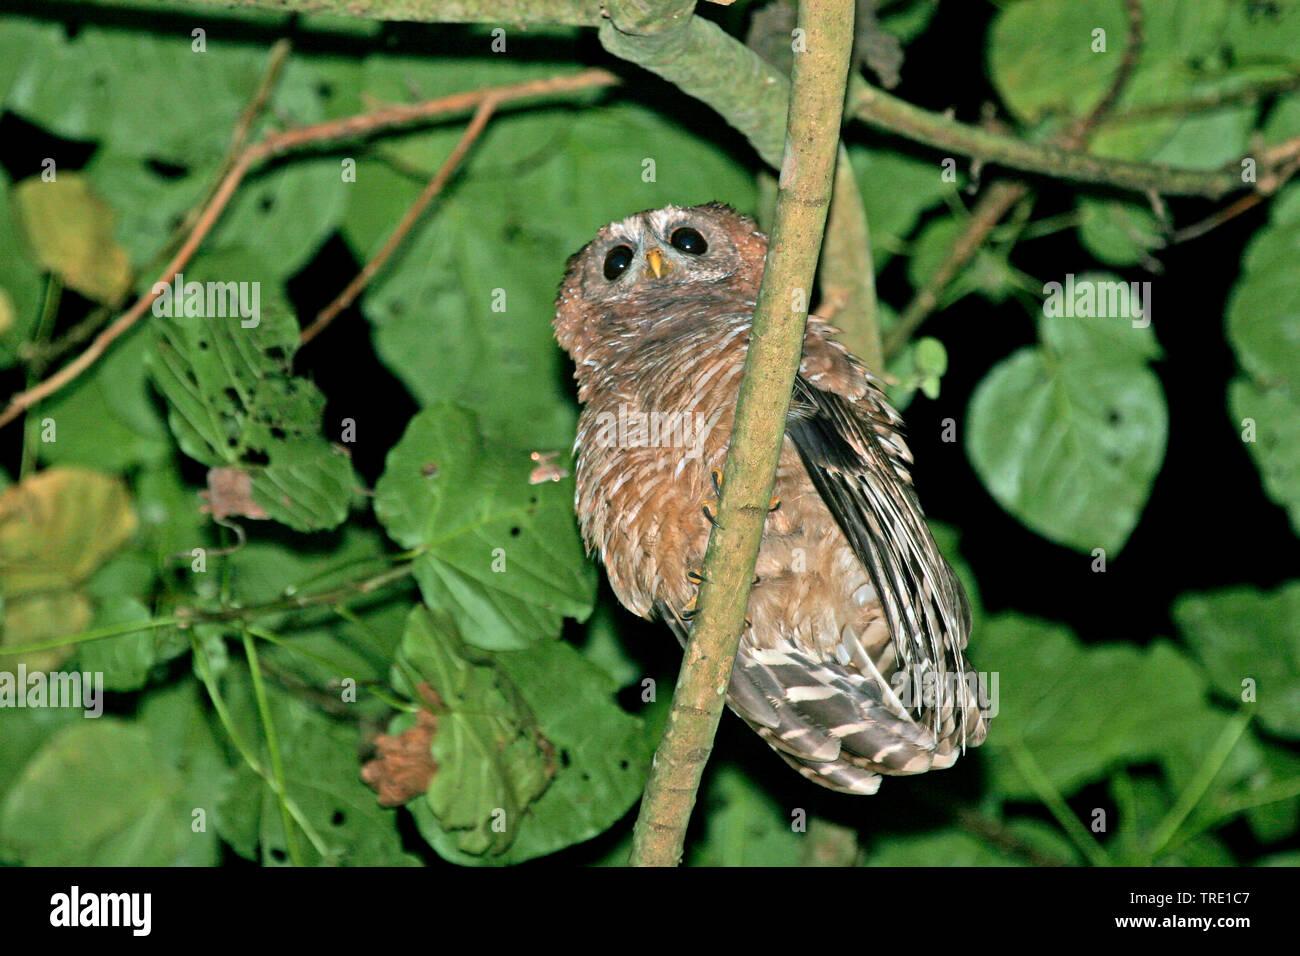 Afrikanischer Waldkauz (Strix woodfordii), sitzt auf einem Zweig, Uganda | African wood owl (Strix woodfordii), on a branch, Uganda | BLWS514556.jpg [ - Stock Image